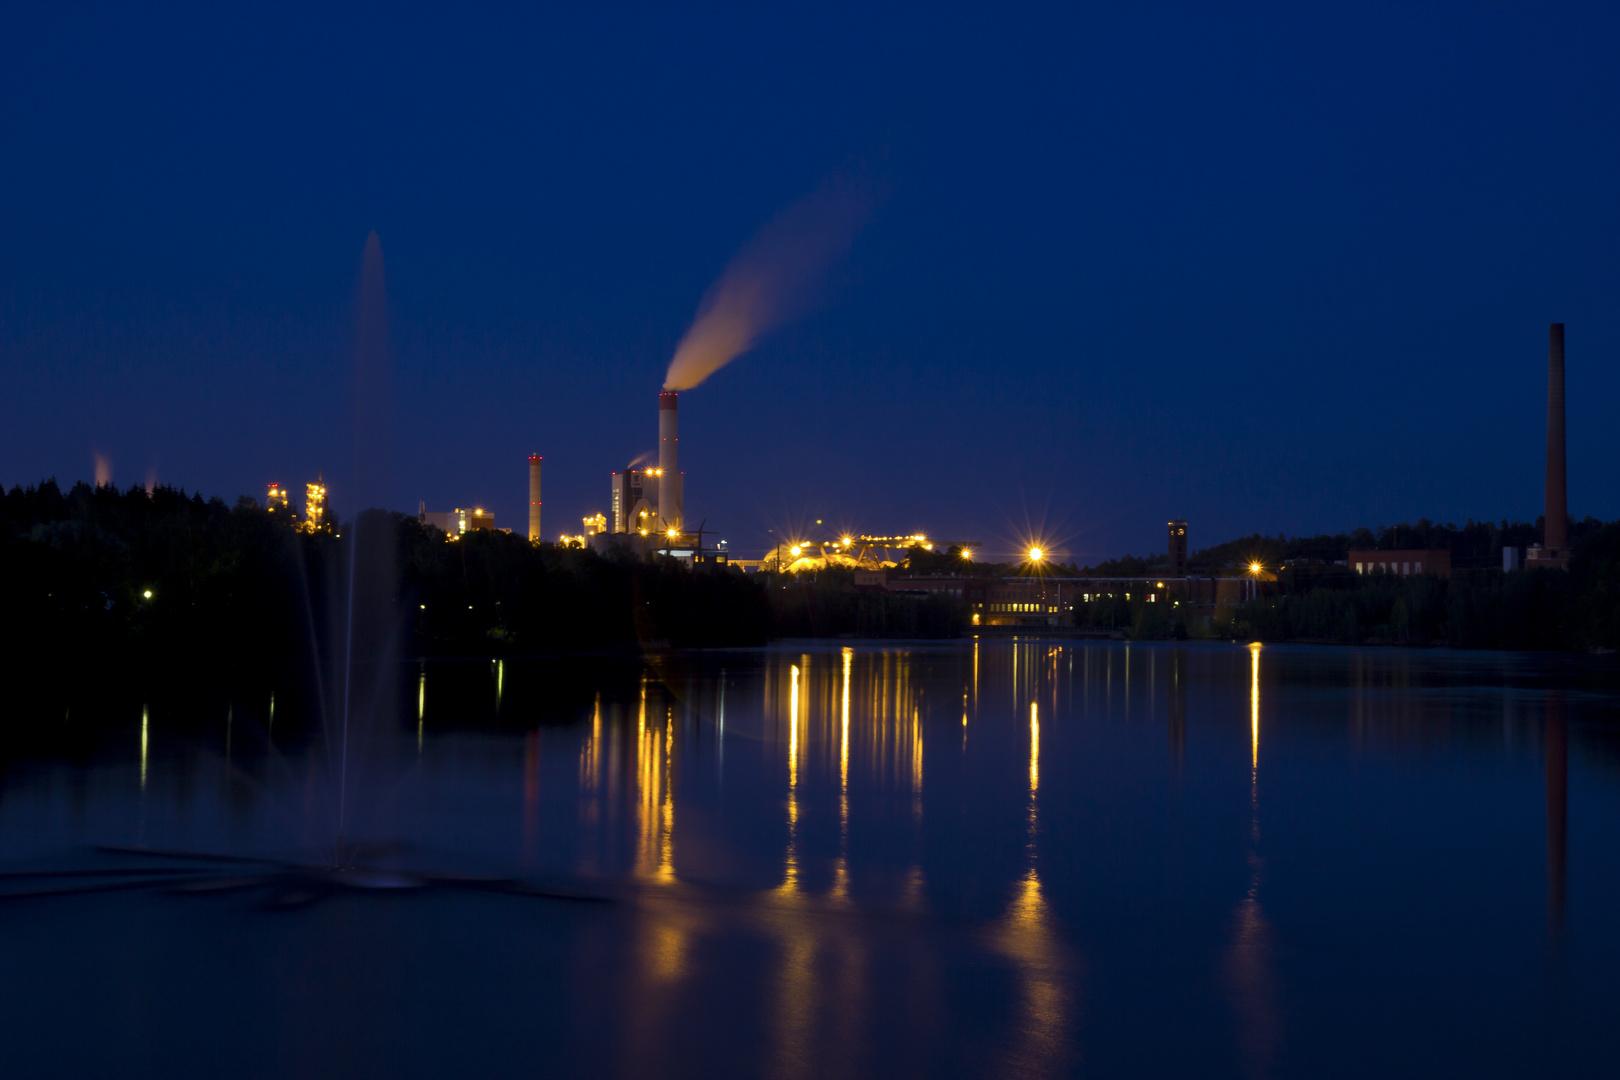 UPM bei Nacht